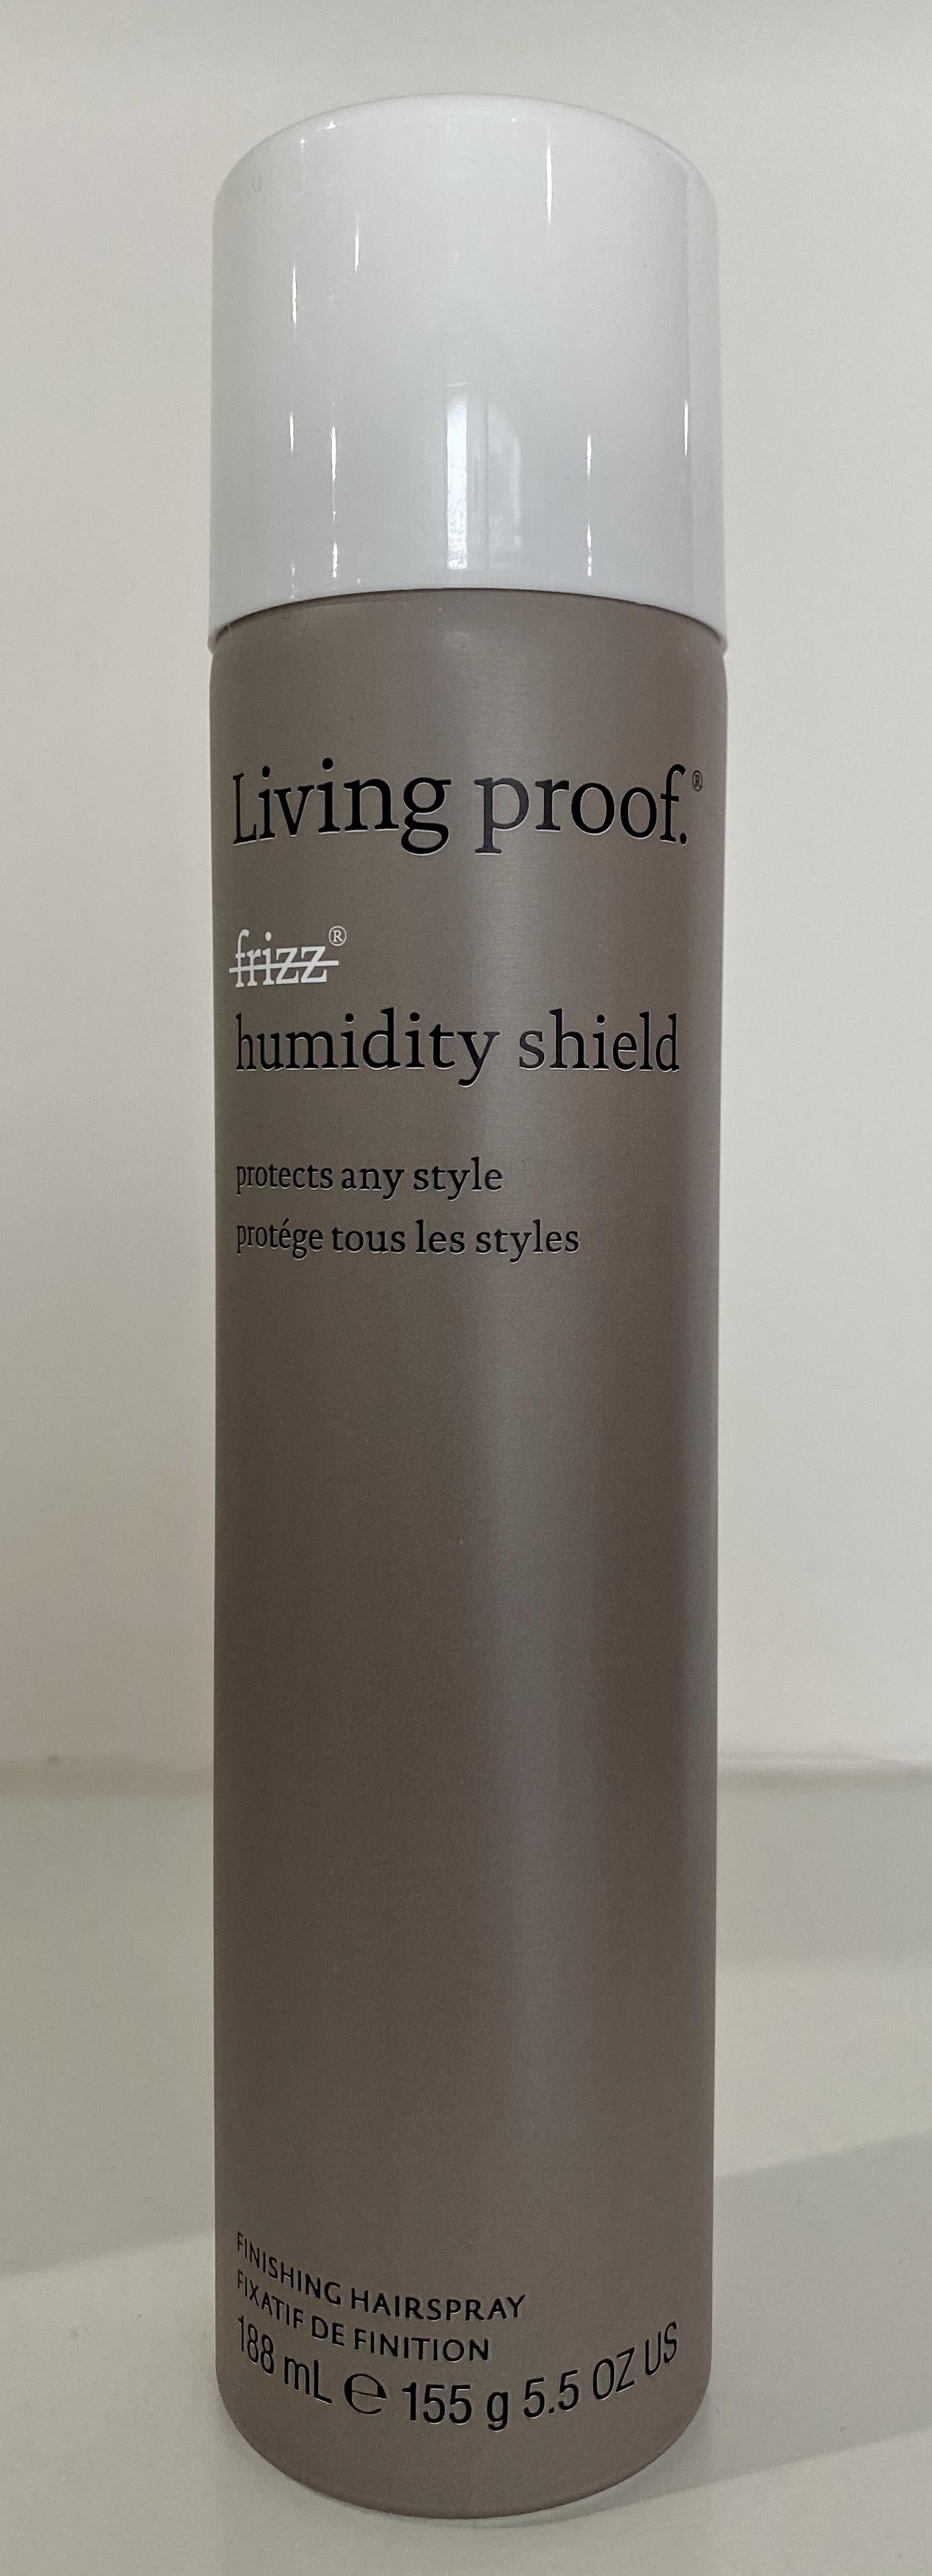 No Frizz Humidity Shield